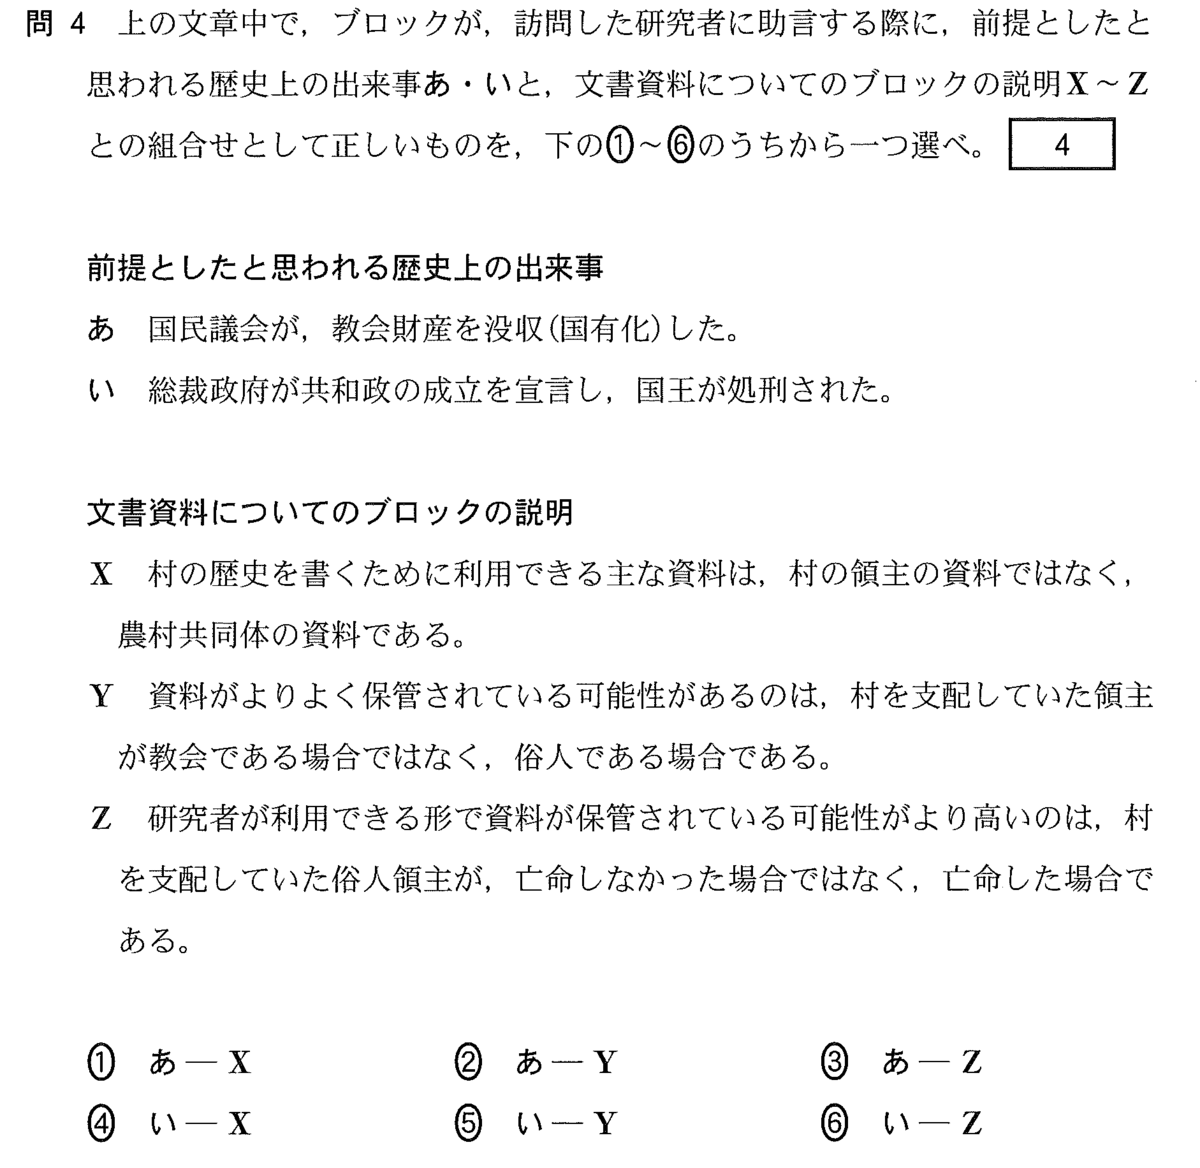 f:id:tokoyakanbannet:20210429195657p:plain